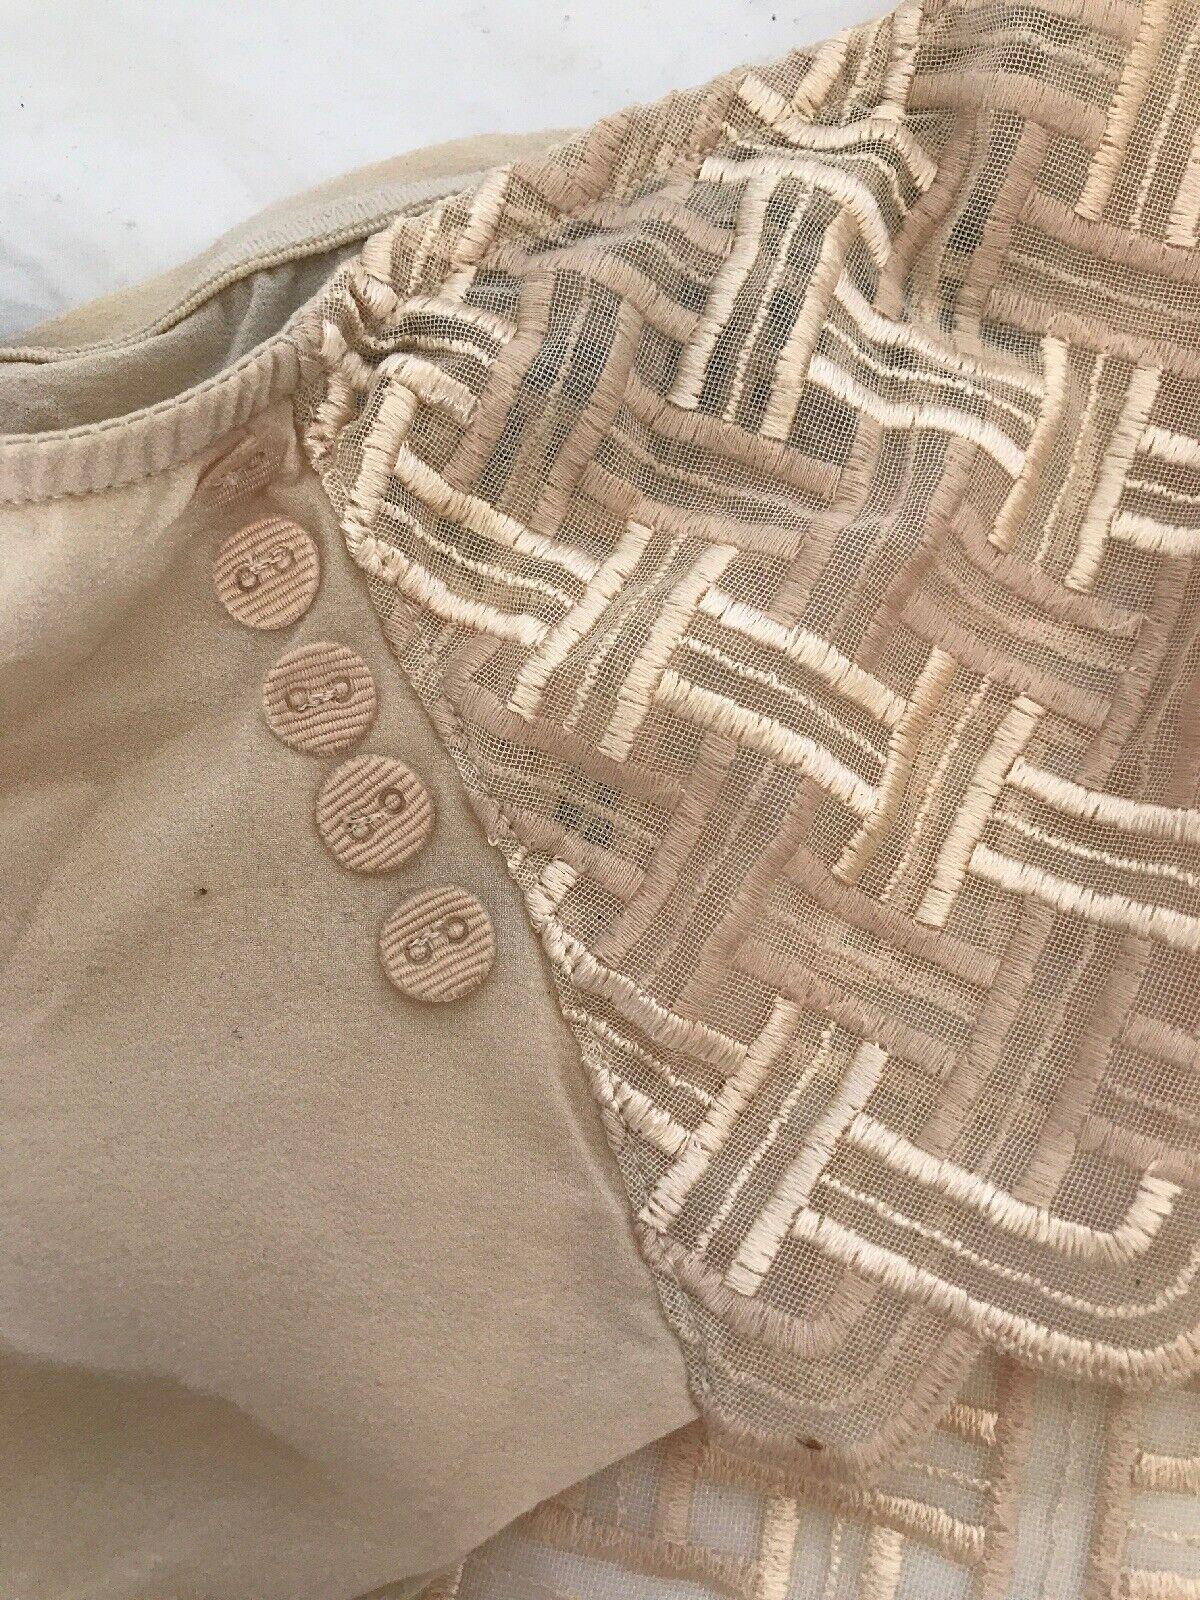 Lou Paris Womens Underwear  - image 2